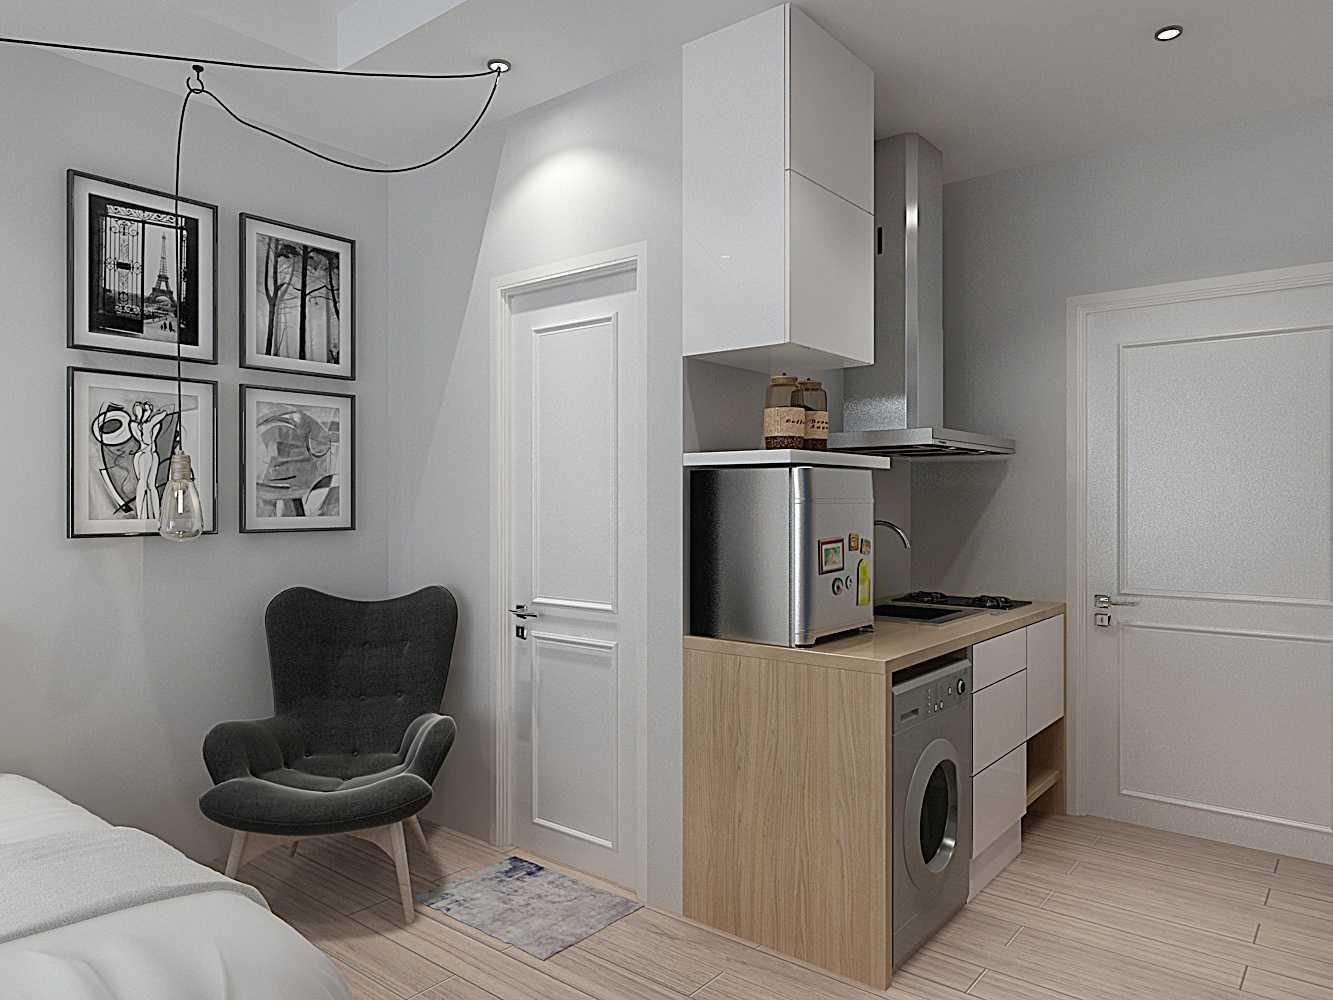 Bagaimana Cara Membangun Rumah Dengan Konsep Scandinavian